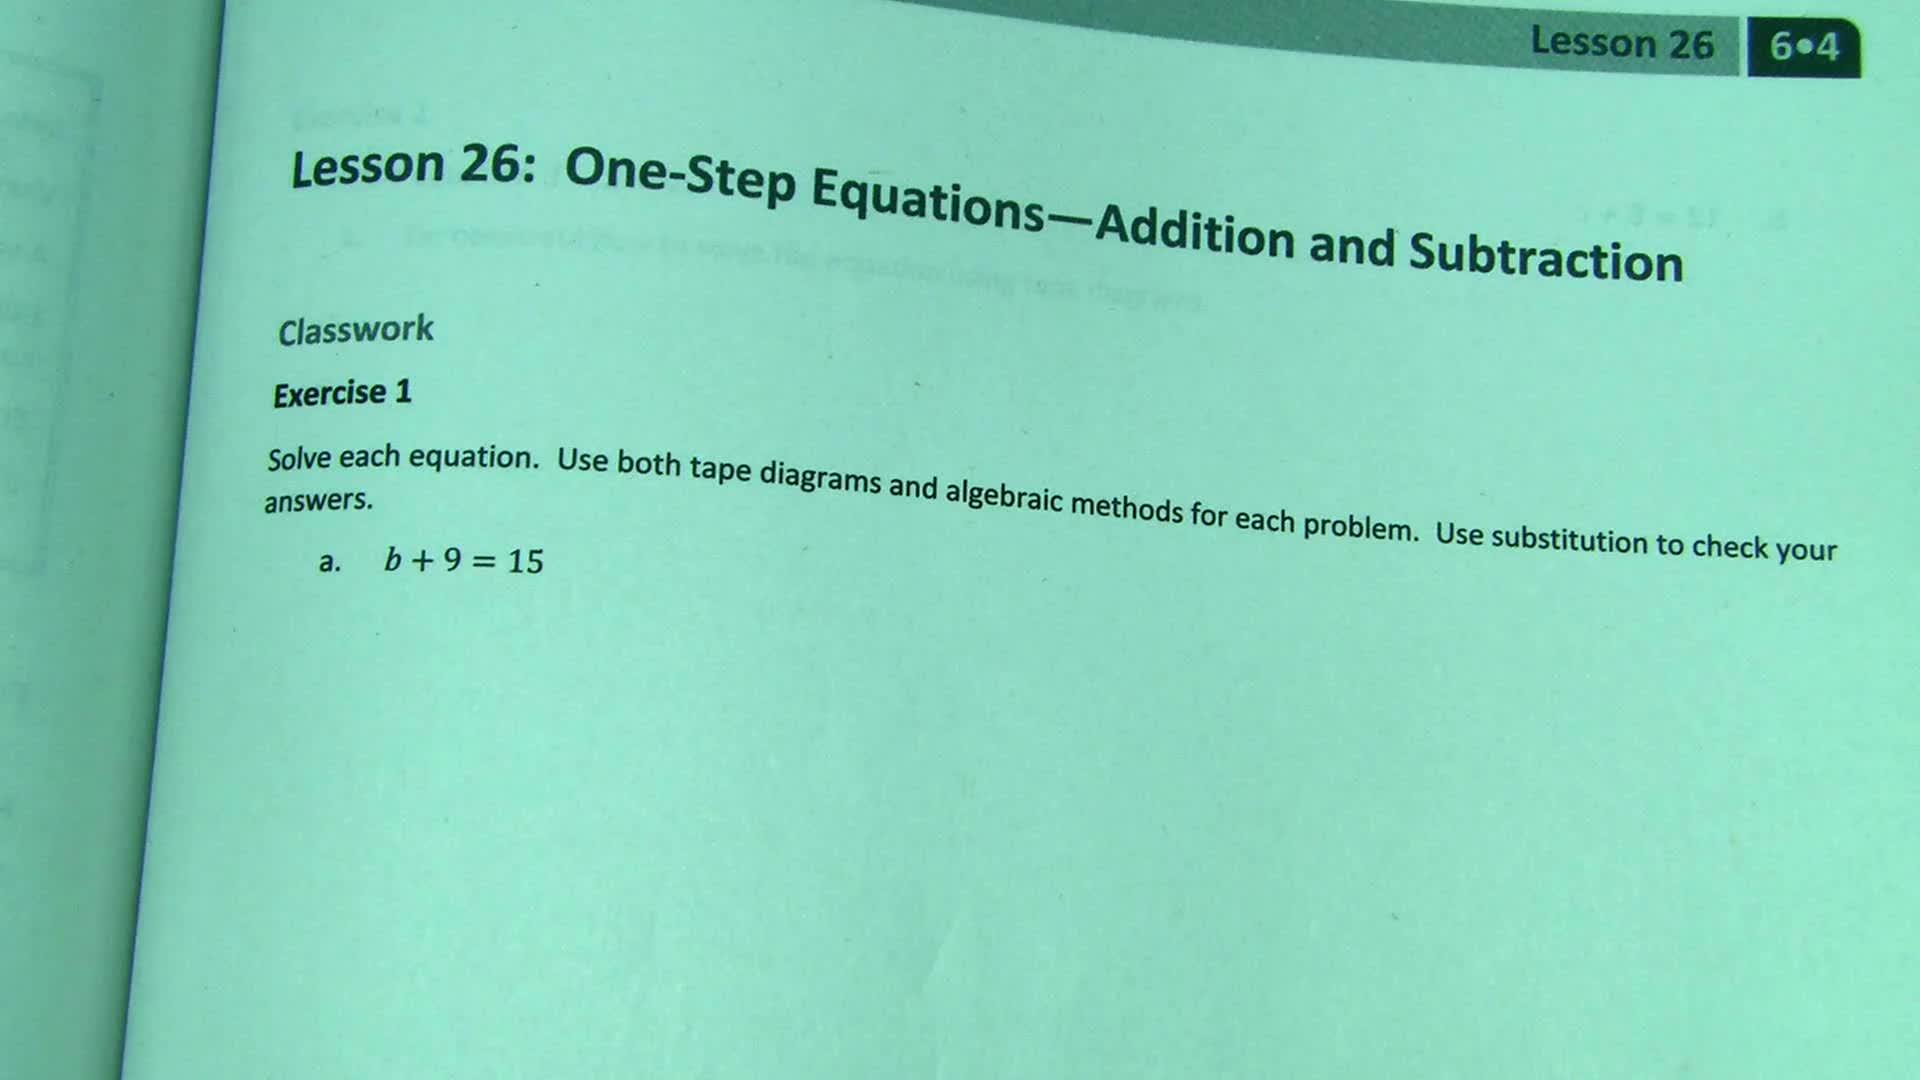 Module 4 - Lesson 26